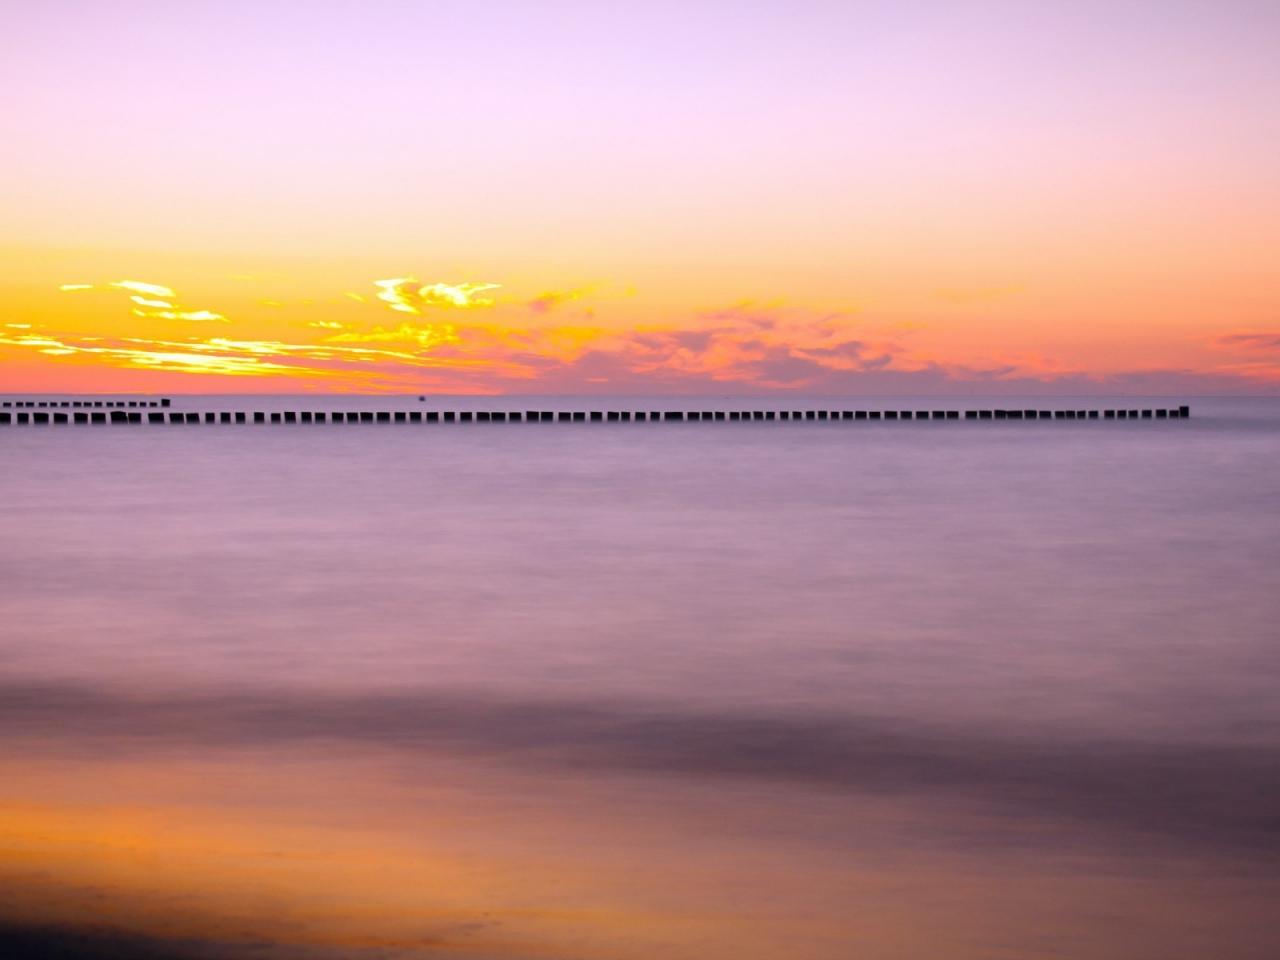 Puesta de sol en el mar - 1280x960